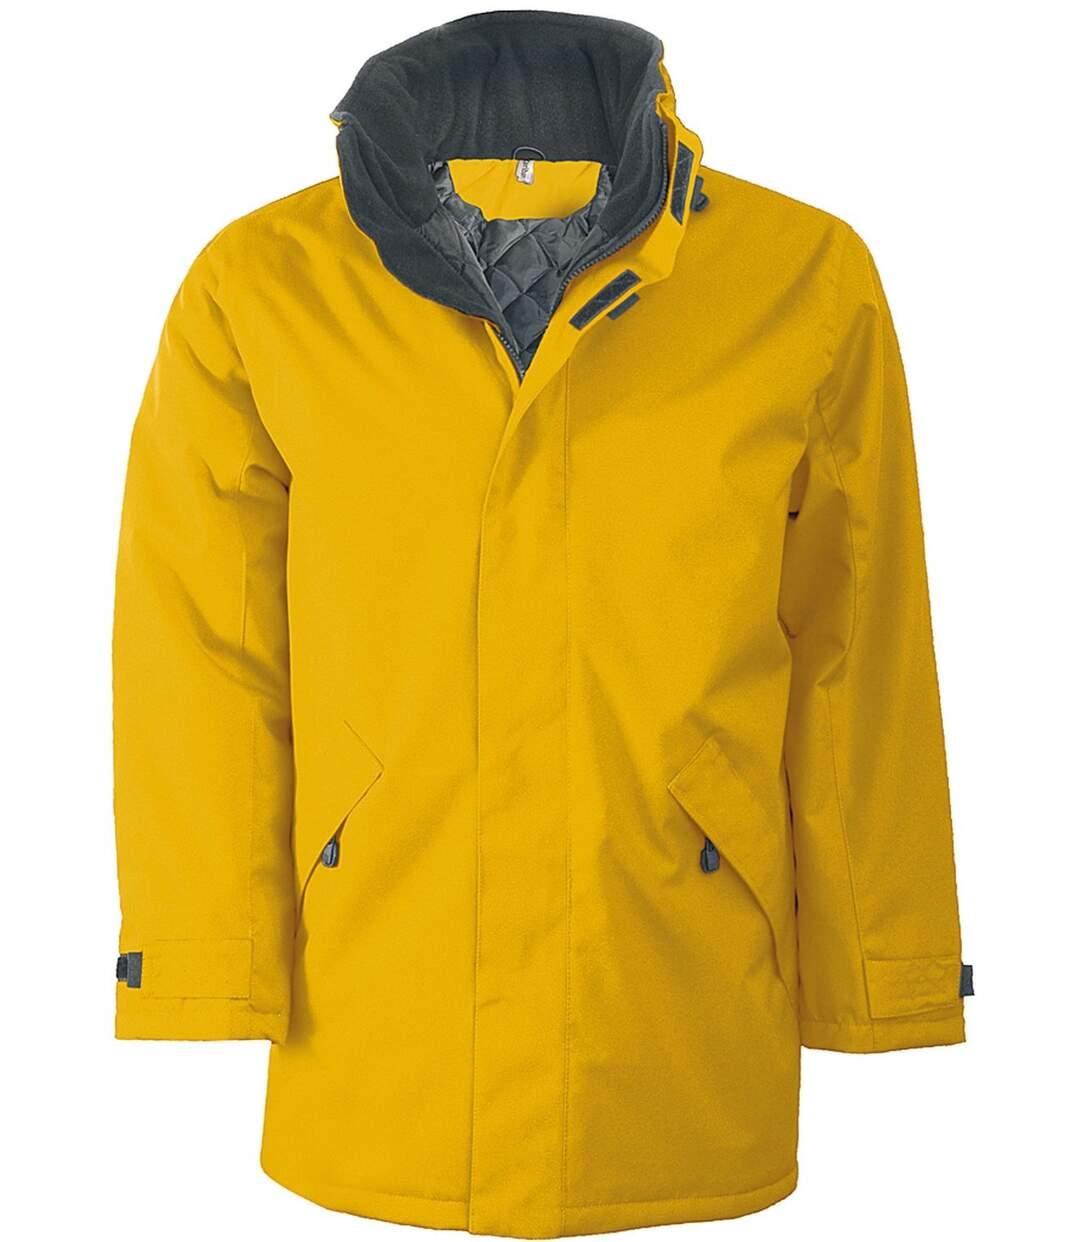 Parka Homme doublure matelassée - K677 - jaune